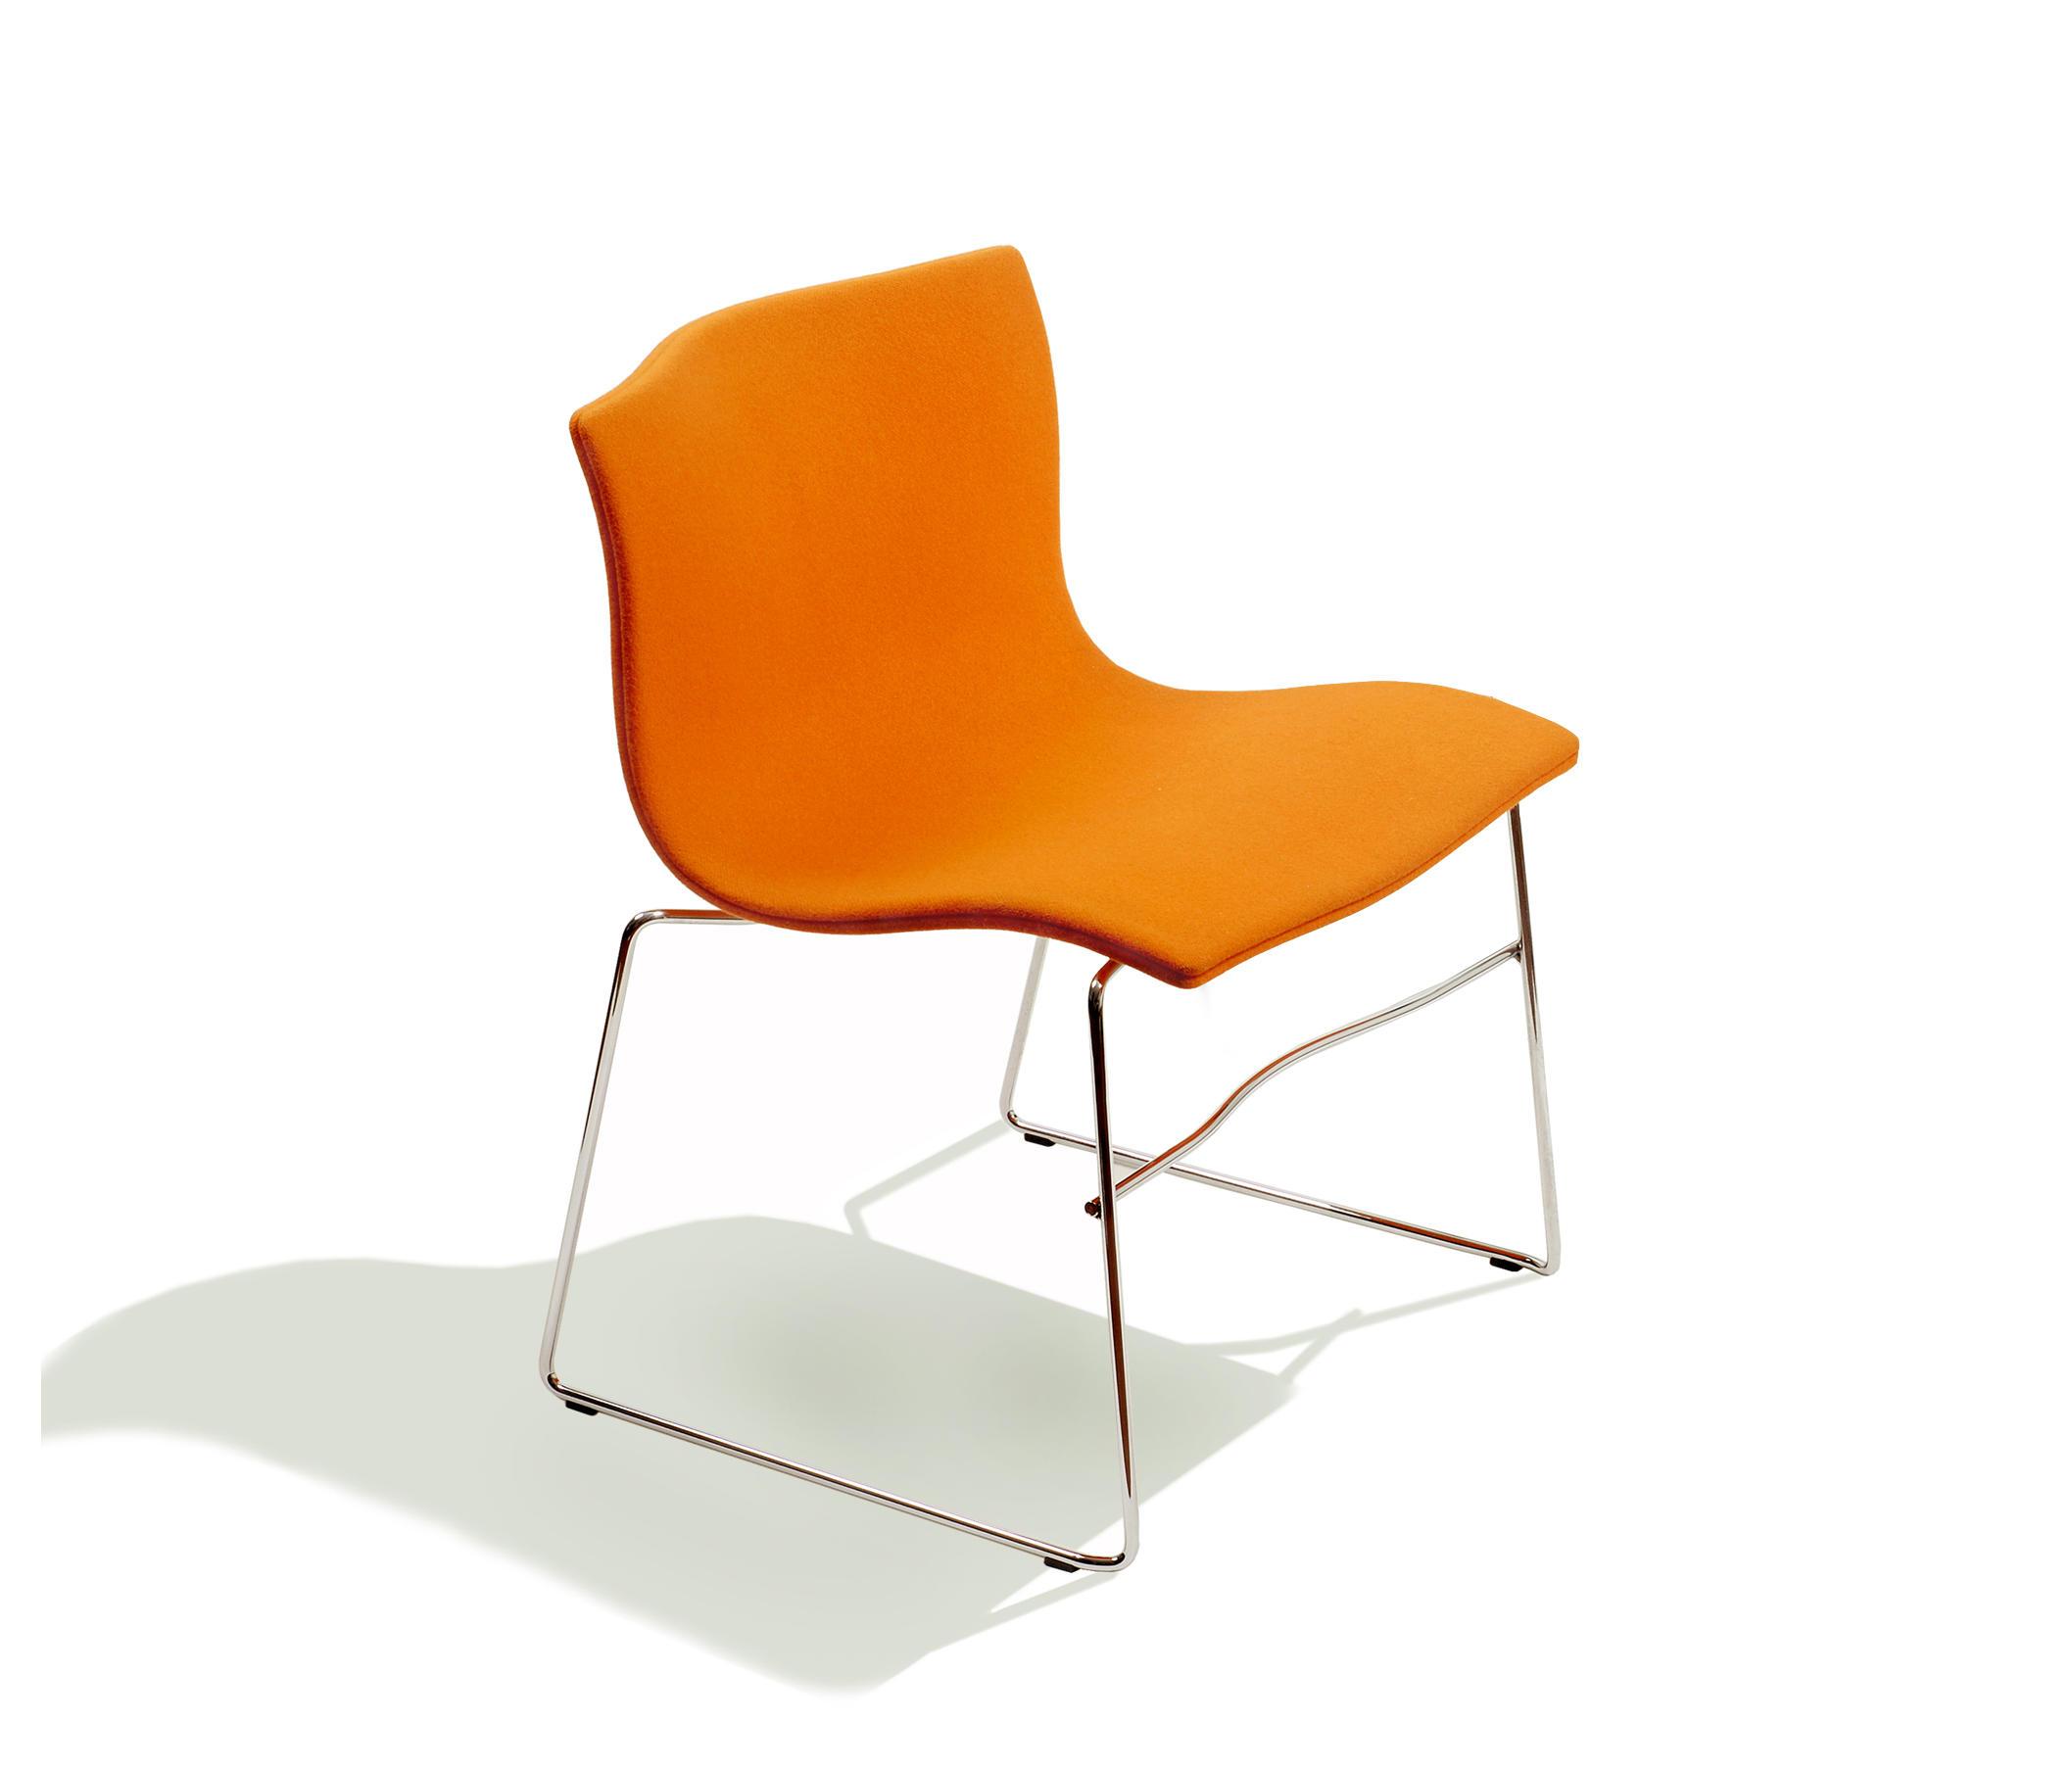 HANDKERCHIEF STUHL - Besucherstühle von Knoll International | Architonic